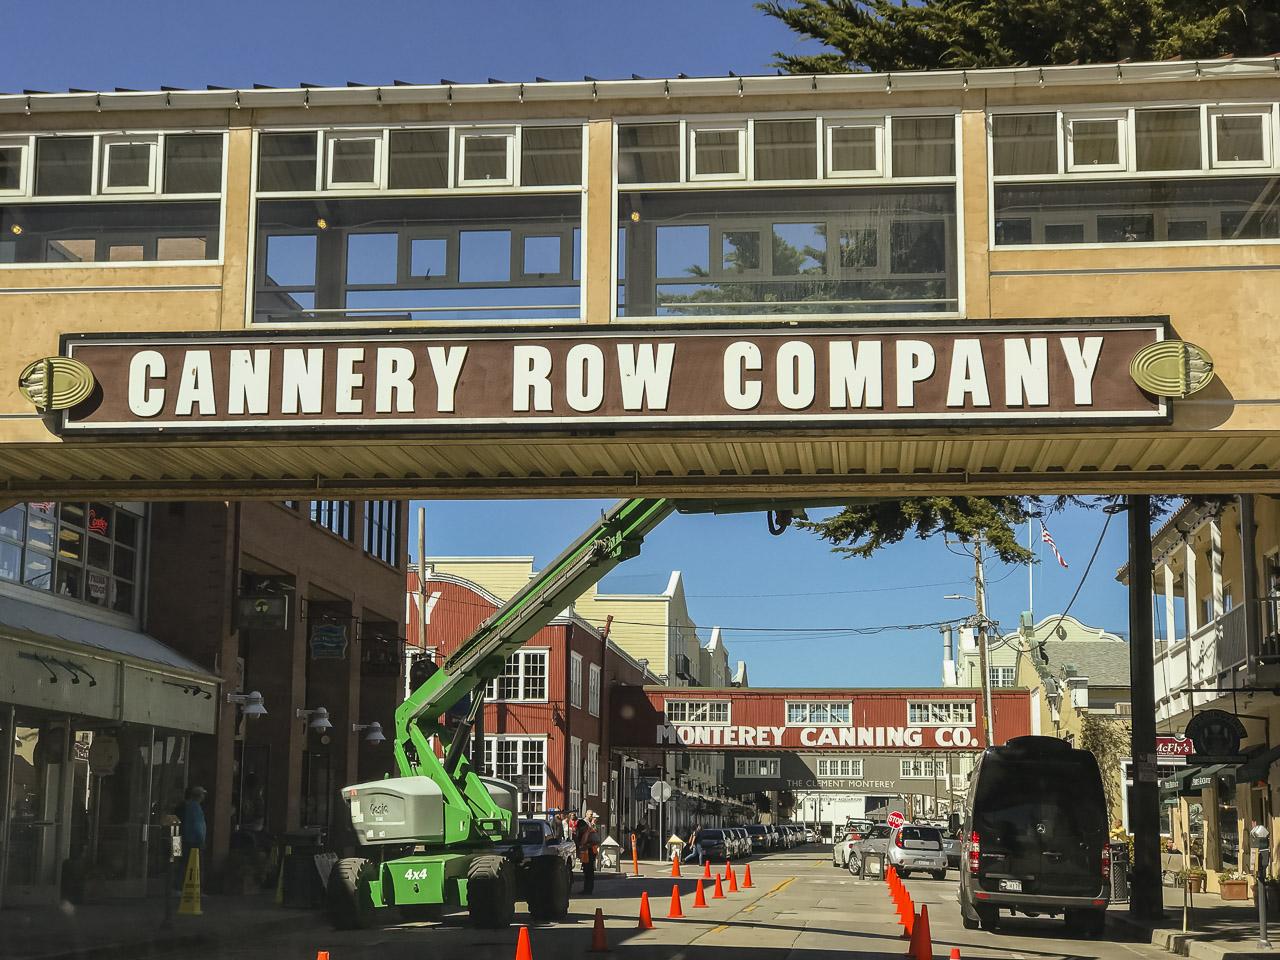 Roat Trip stop: Monterey